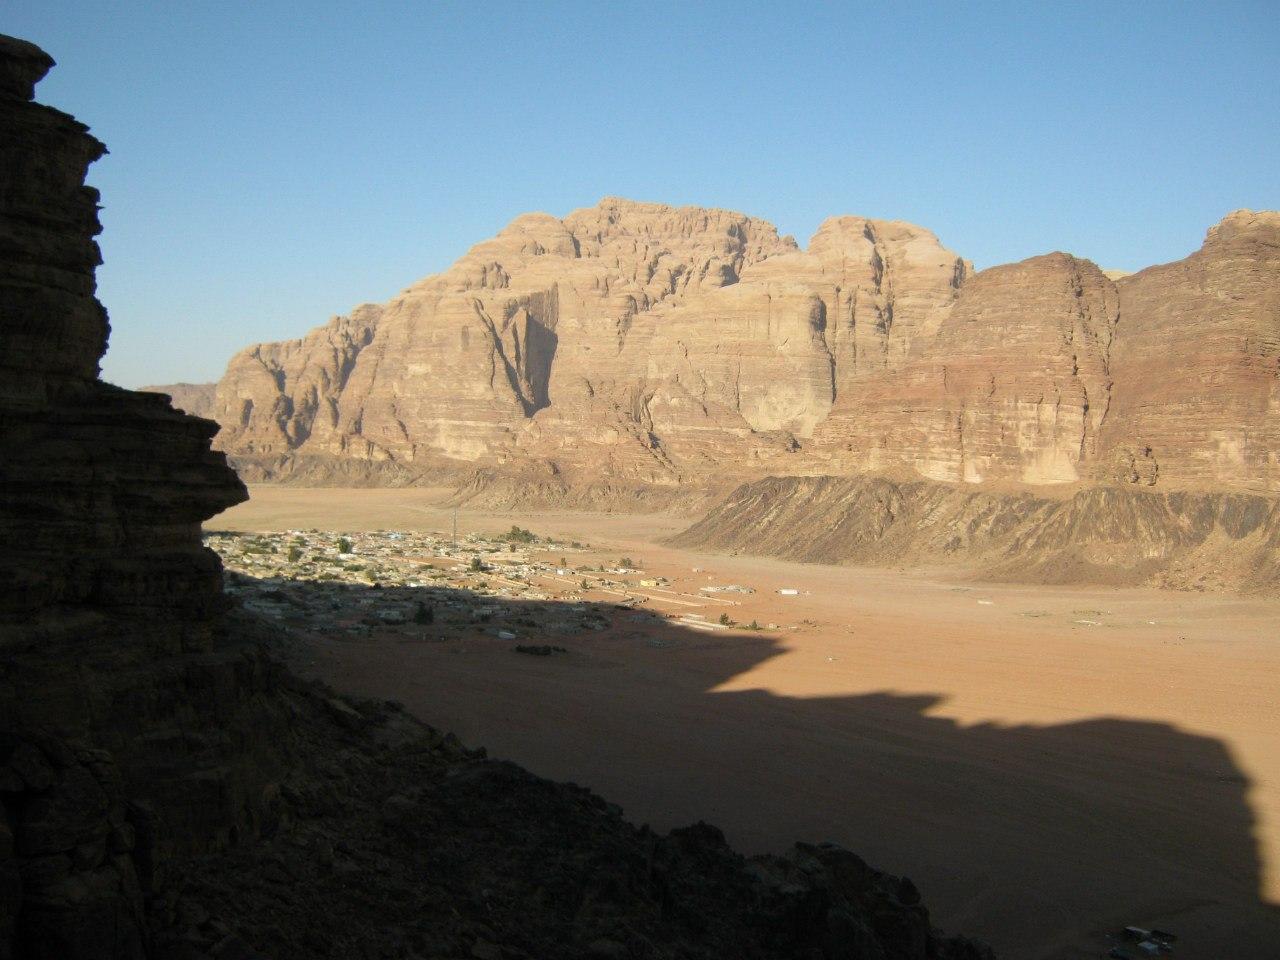 Село Рам в Вади Рам